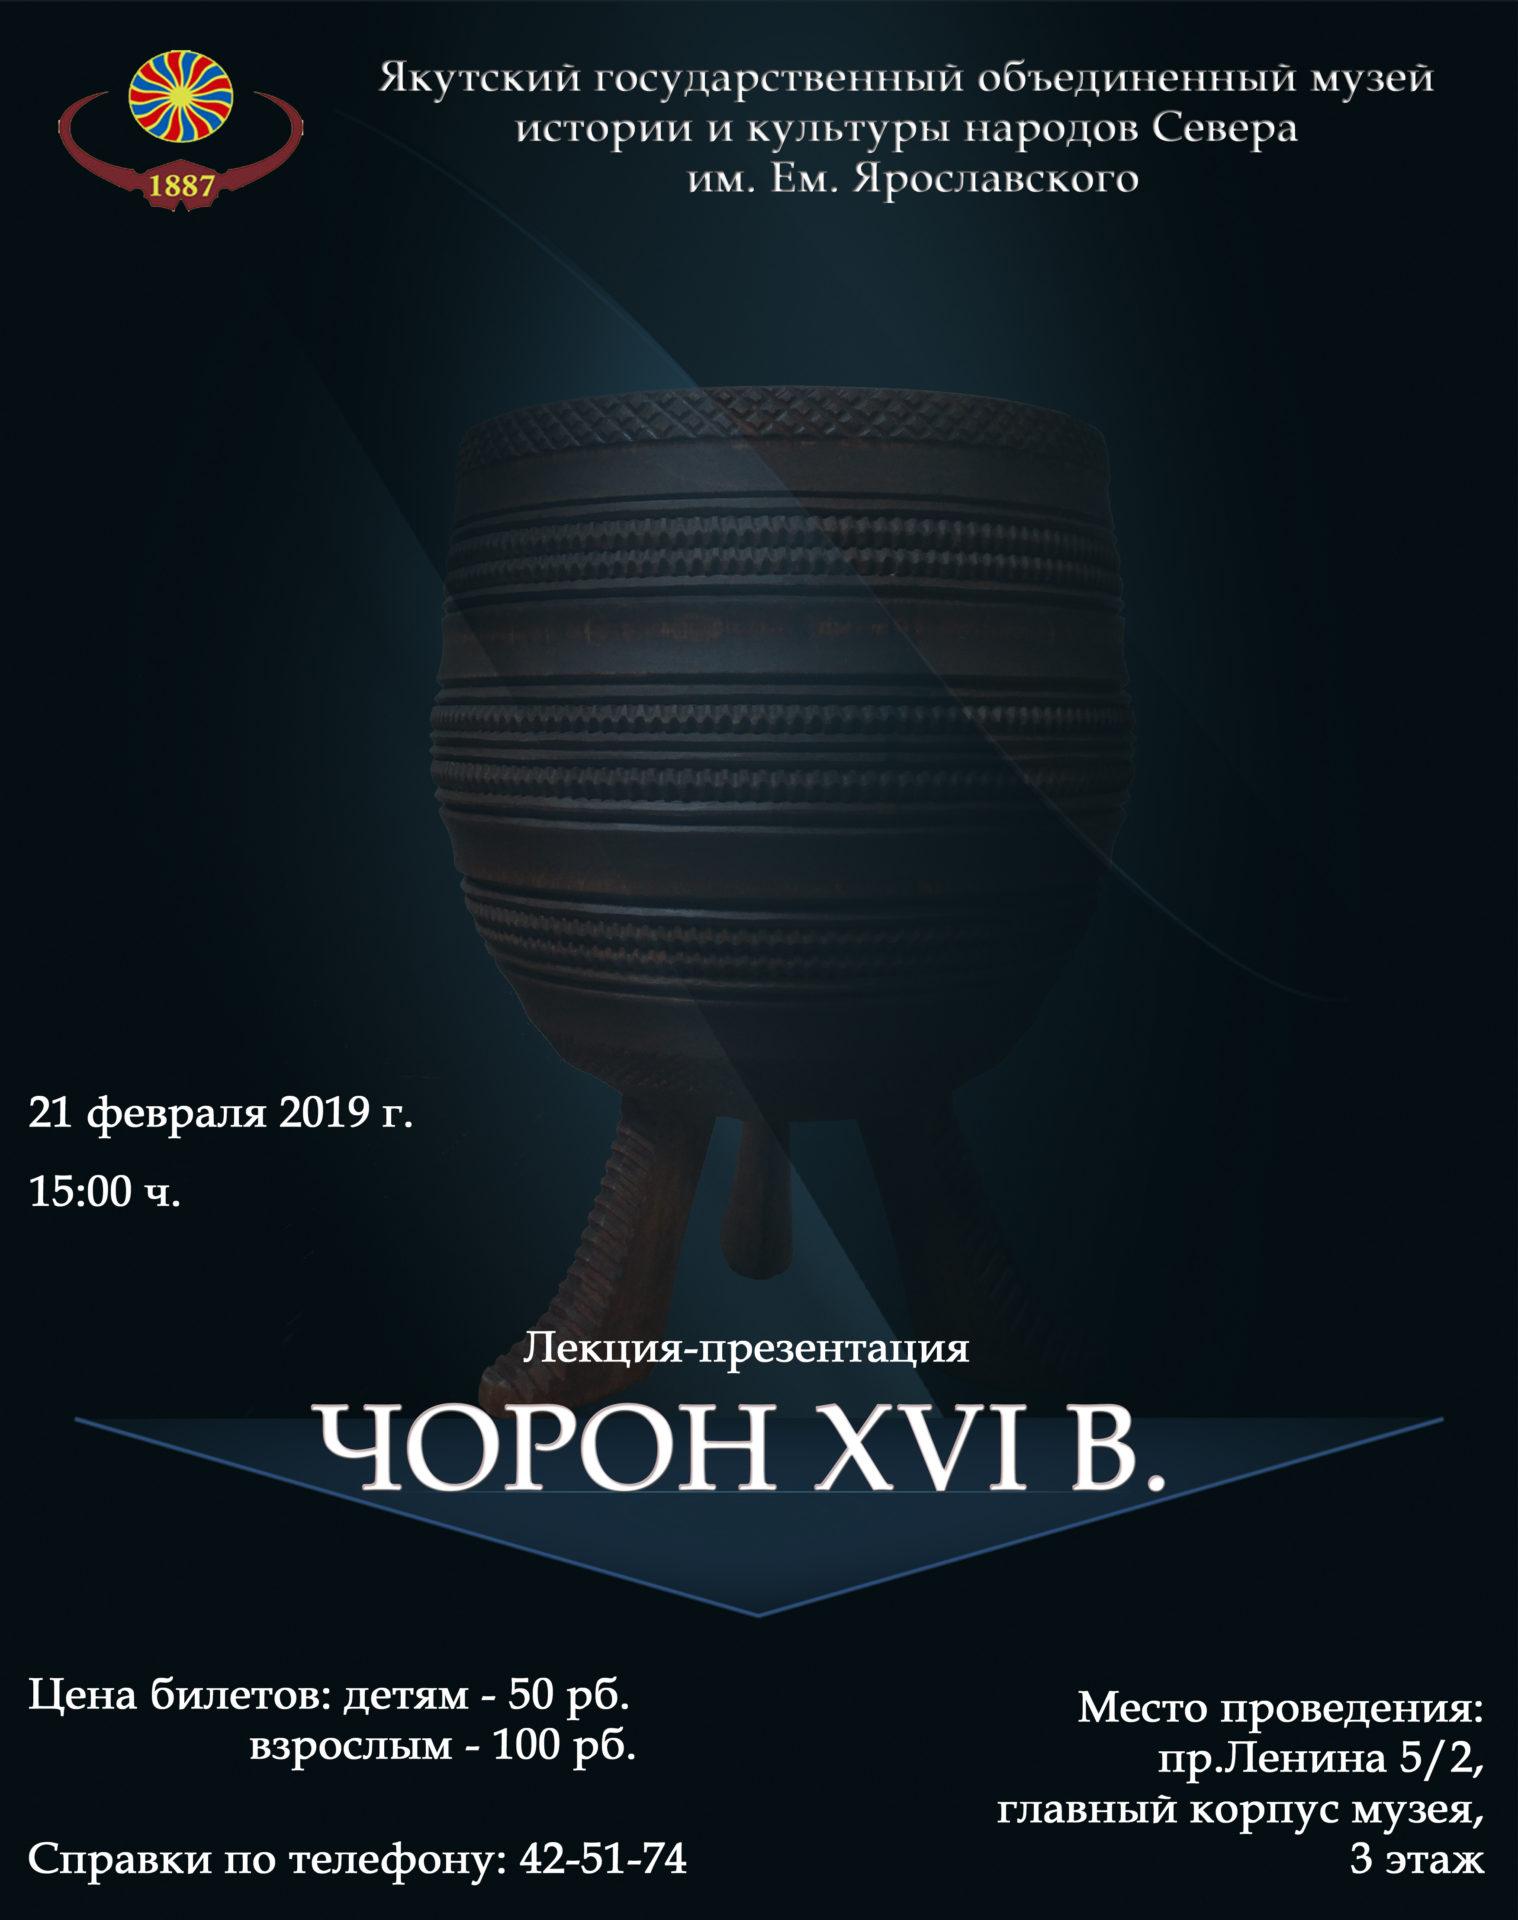 Известный археолог Якутии приглашает на лекцию